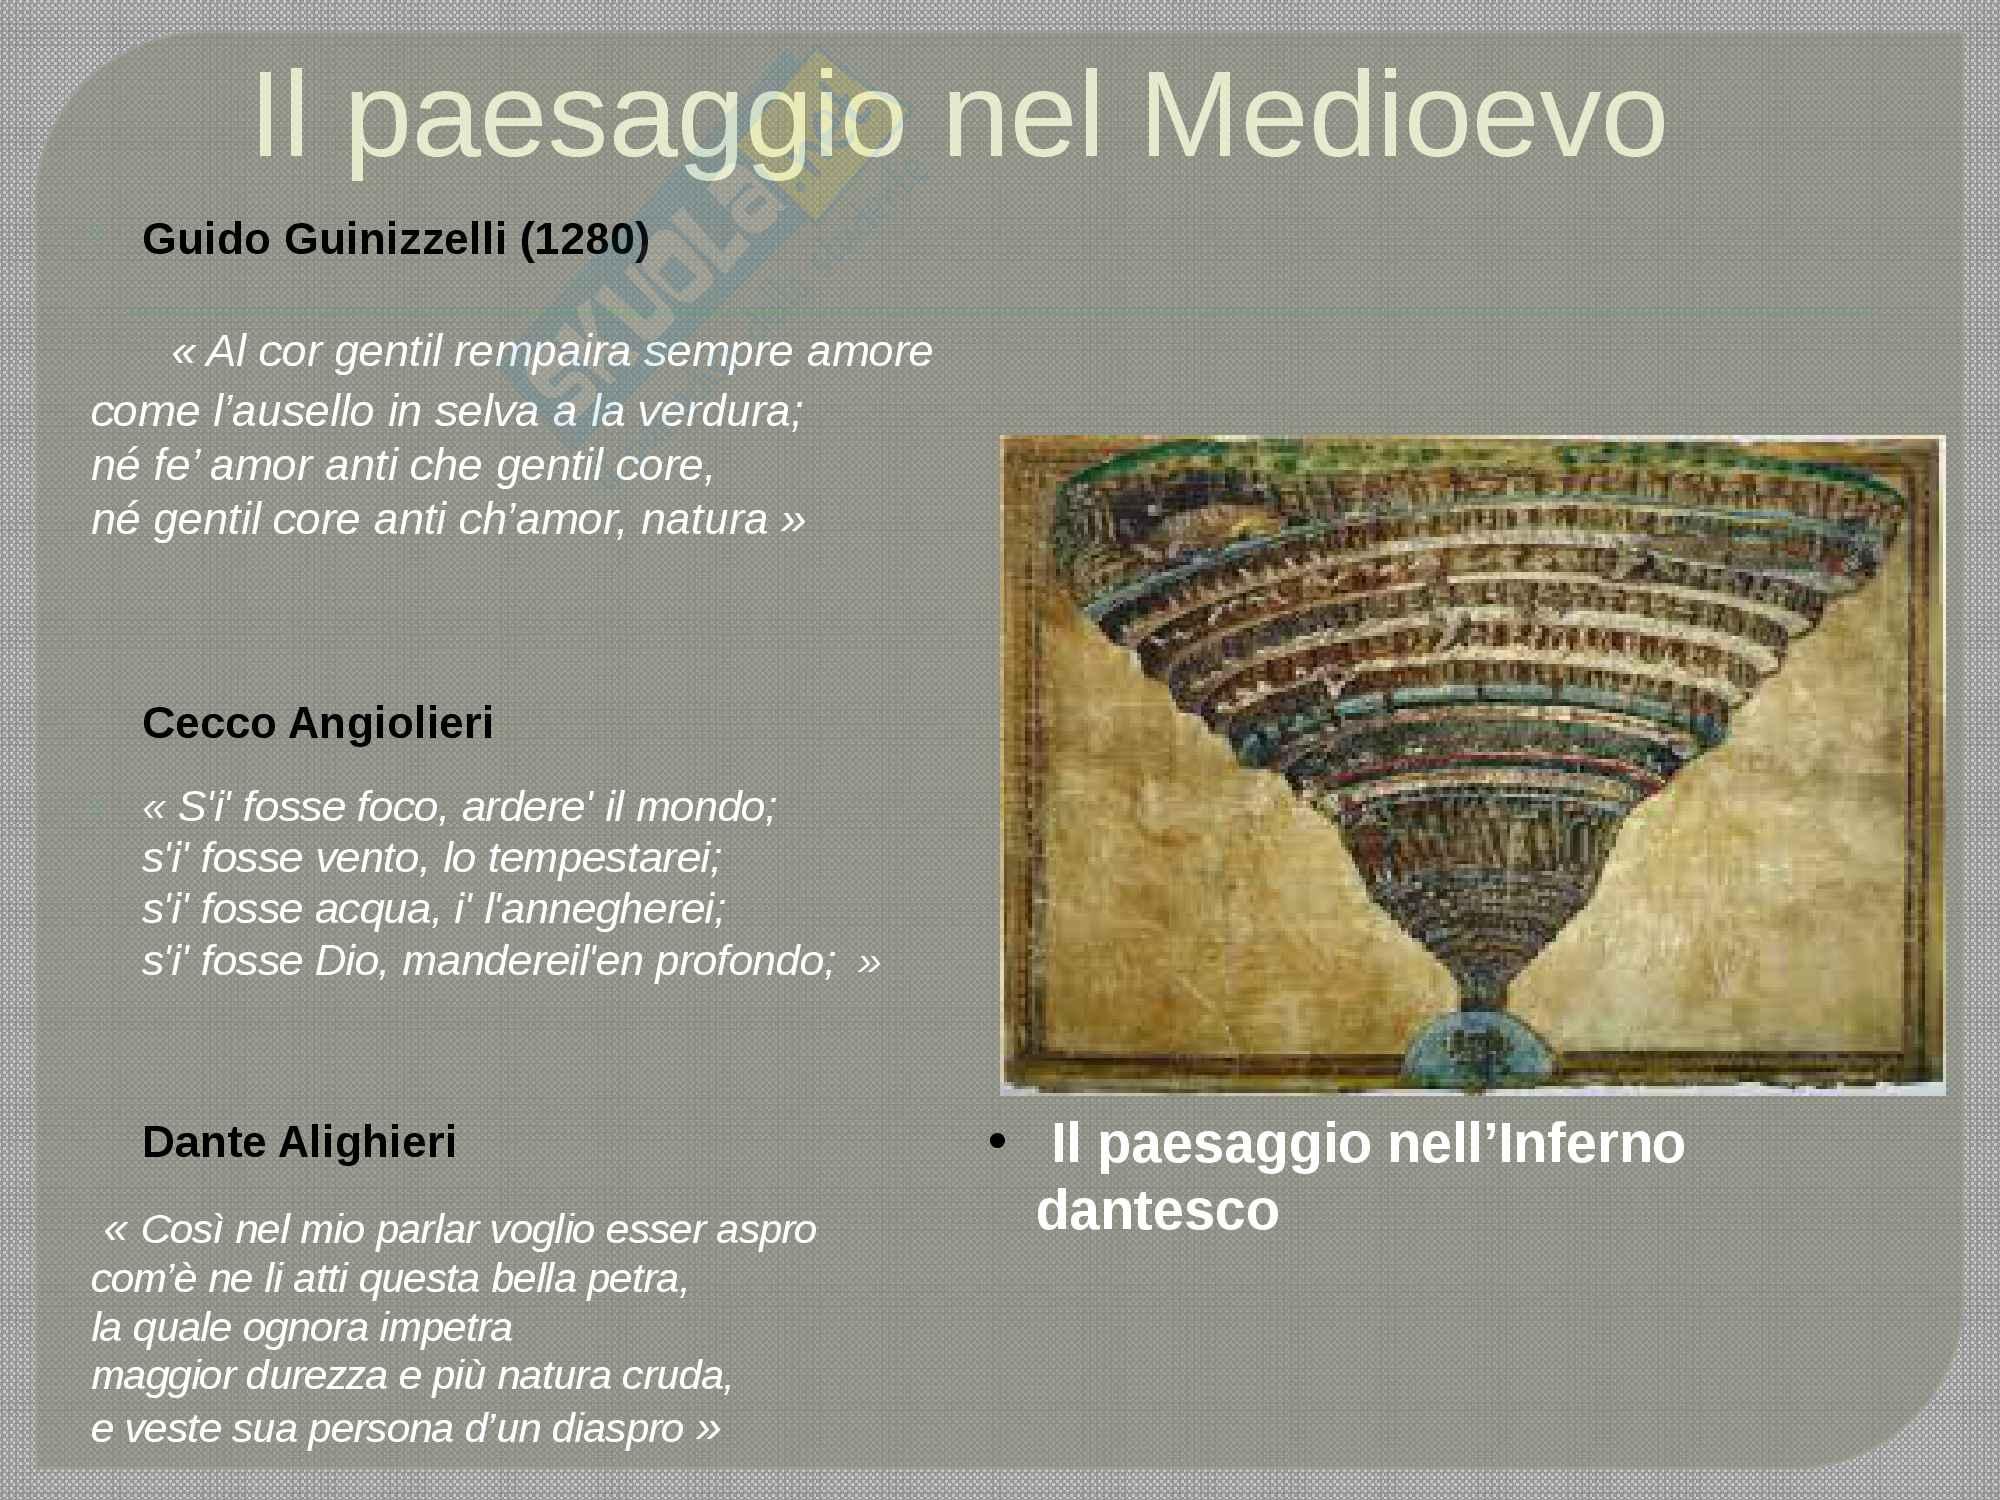 Il paesaggio nella letteratura italiana Pag. 2